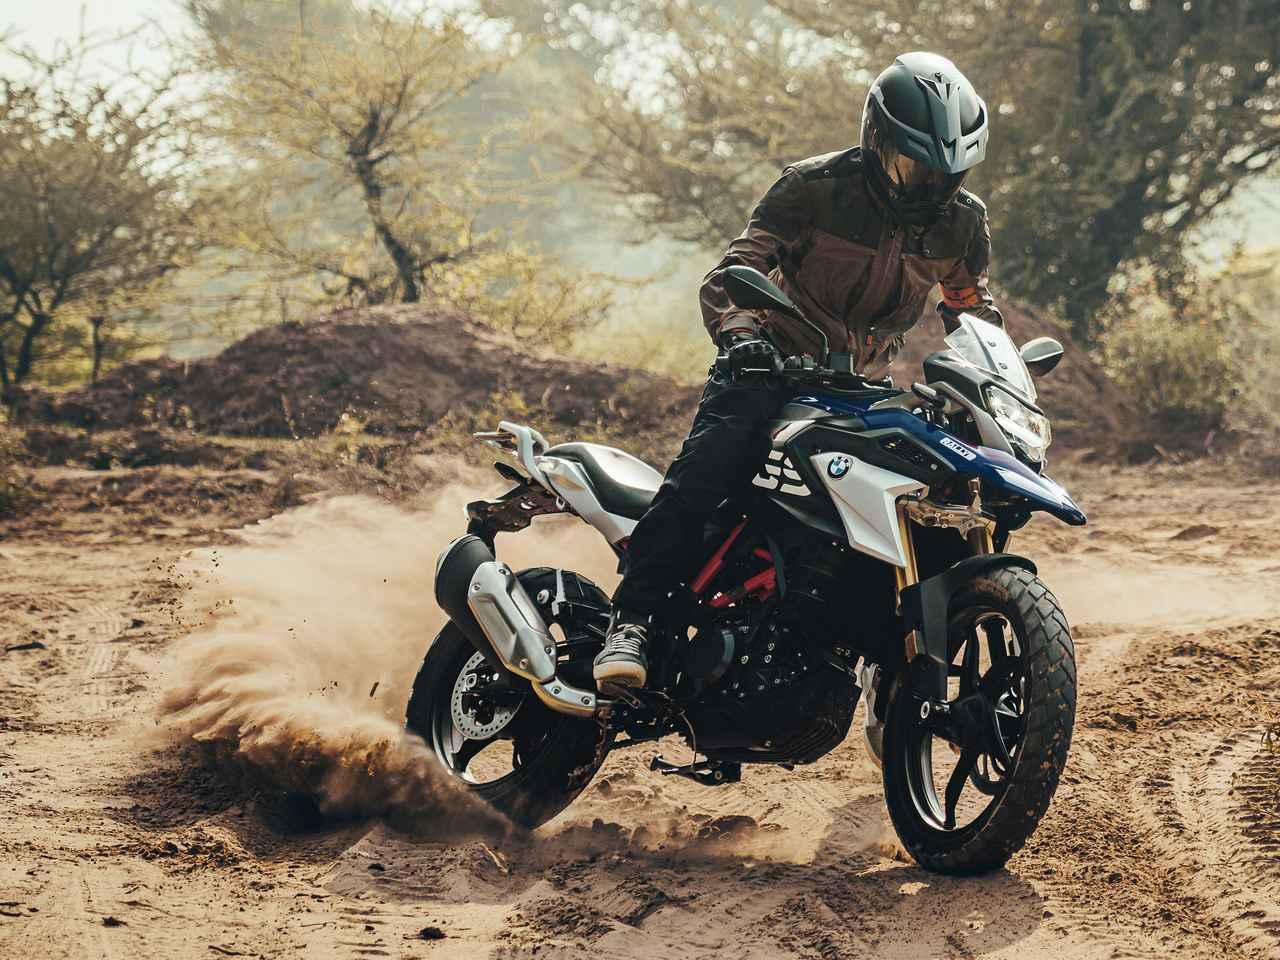 画像: BMW新型G310GS情報【2021速報】 - webオートバイ